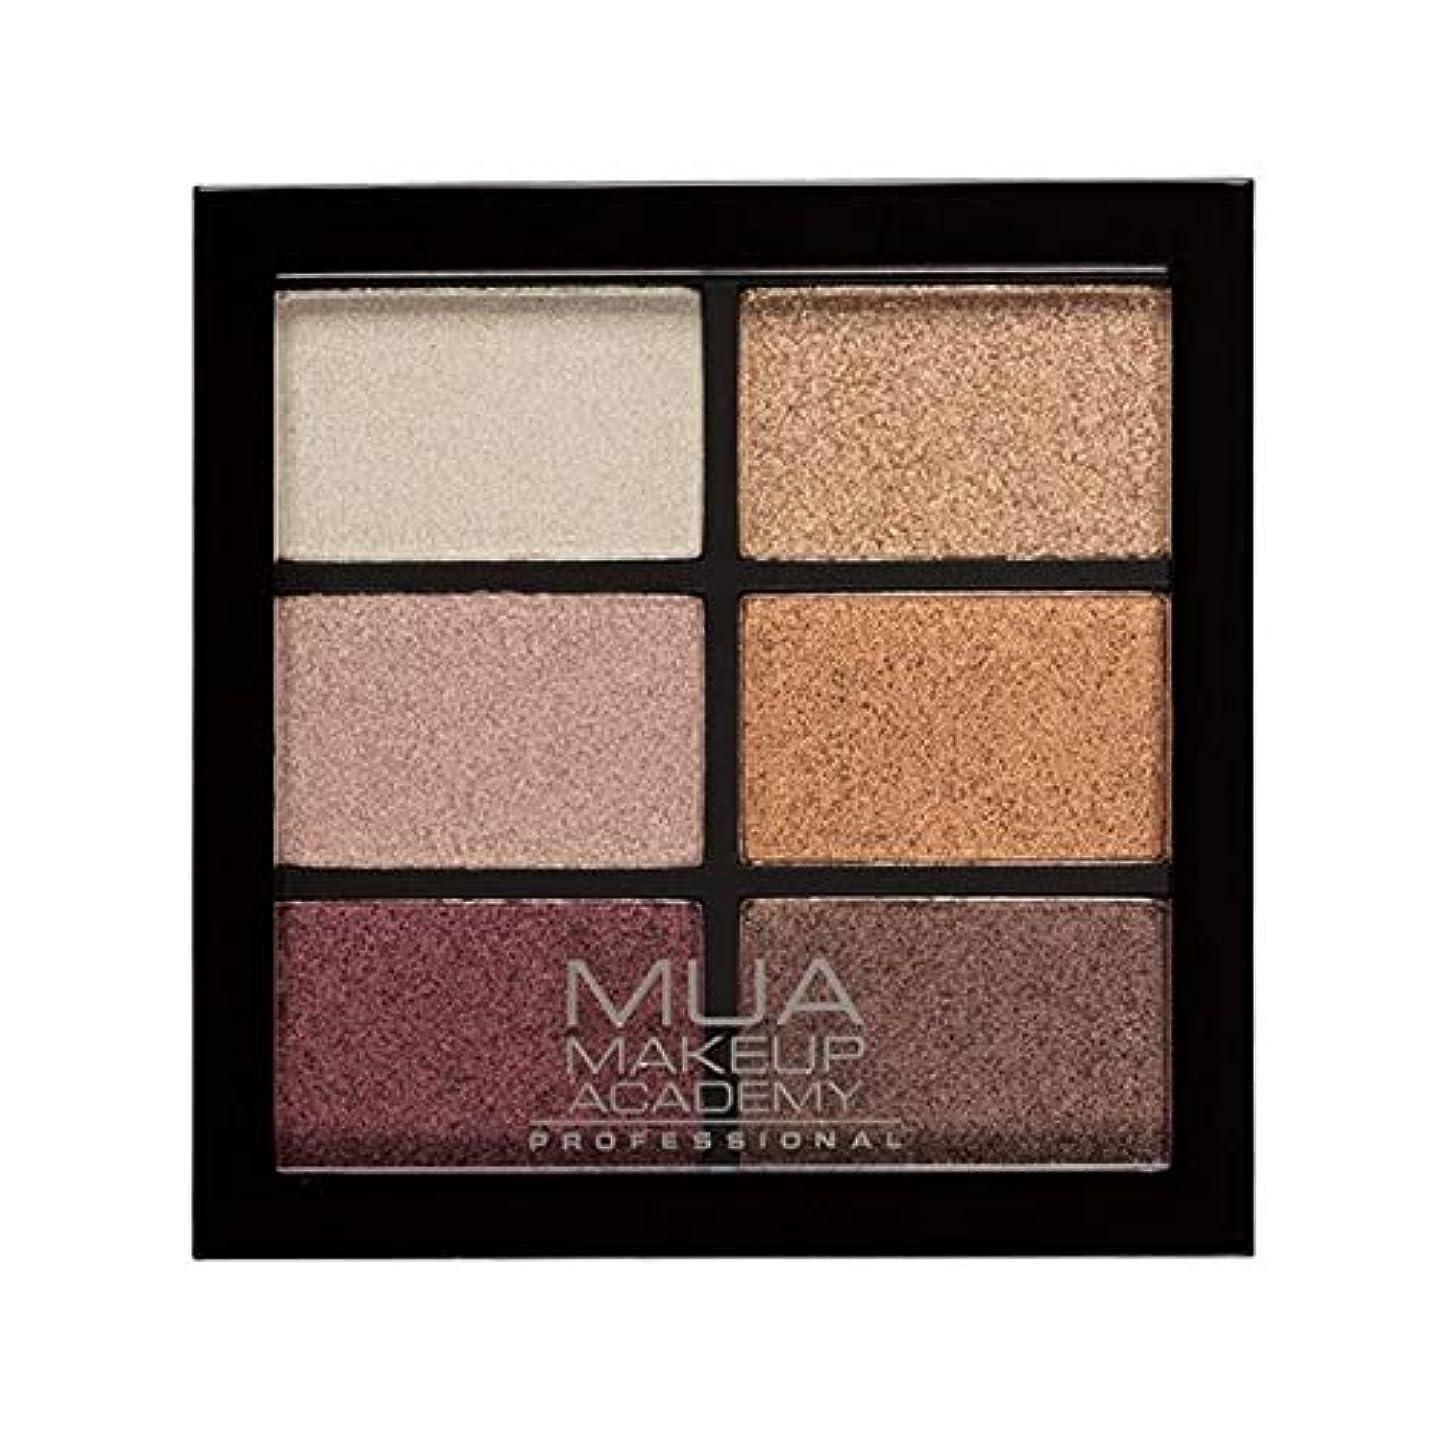 裁定ちょっと待って岸[MUA] Muaプロ6日陰パレット錆びた不思議 - MUA Professional 6 Shade Palette Rusted Wonders [並行輸入品]